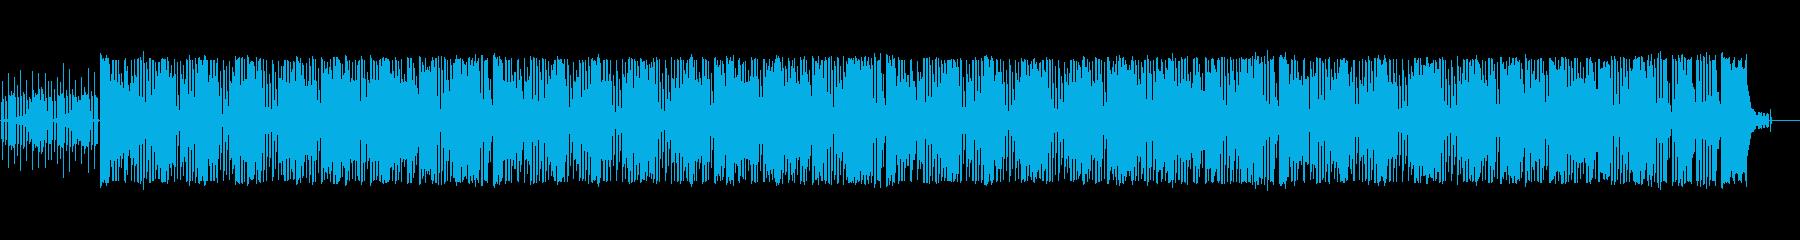 パズルゲームをイメージしたシンセポップの再生済みの波形